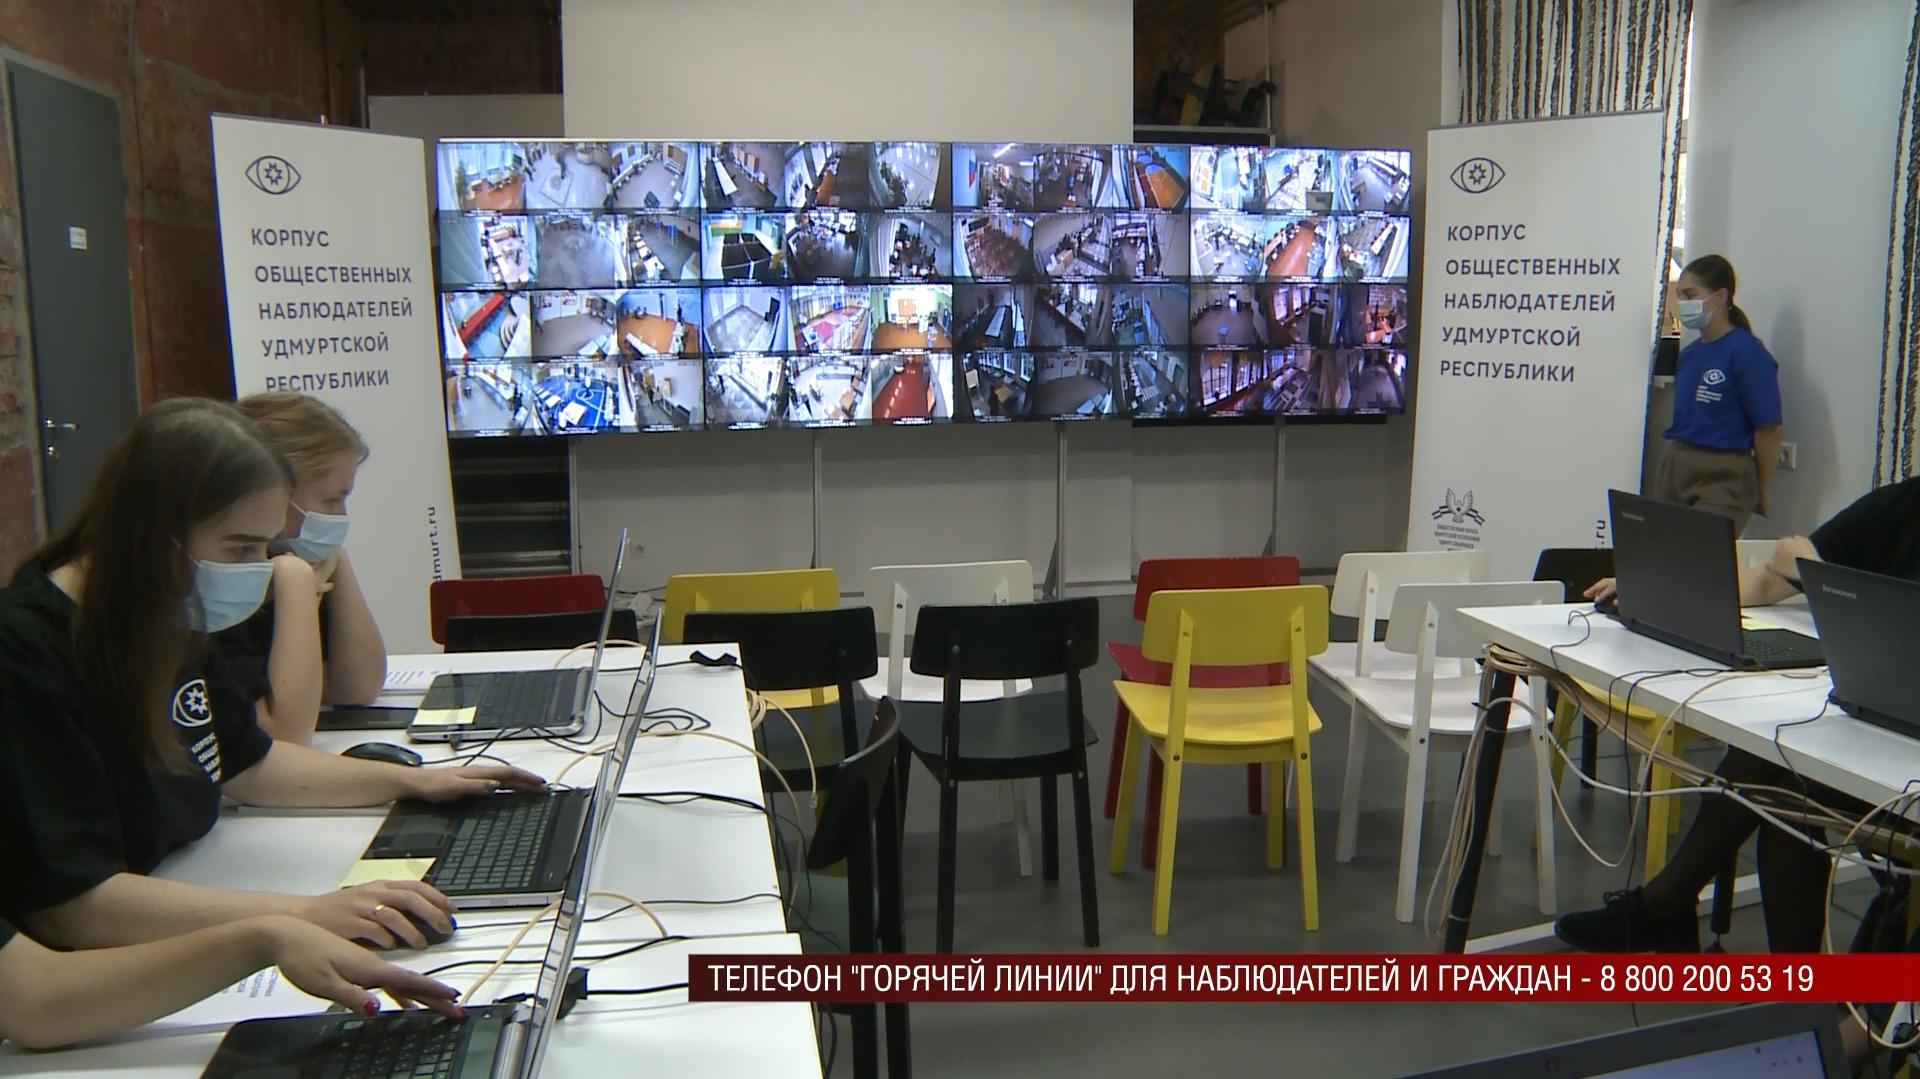 Сегодня в Удмуртии открылись избирательные участки. В республике, как и по всей стране, начались выборы нового состава Государственной Думы.